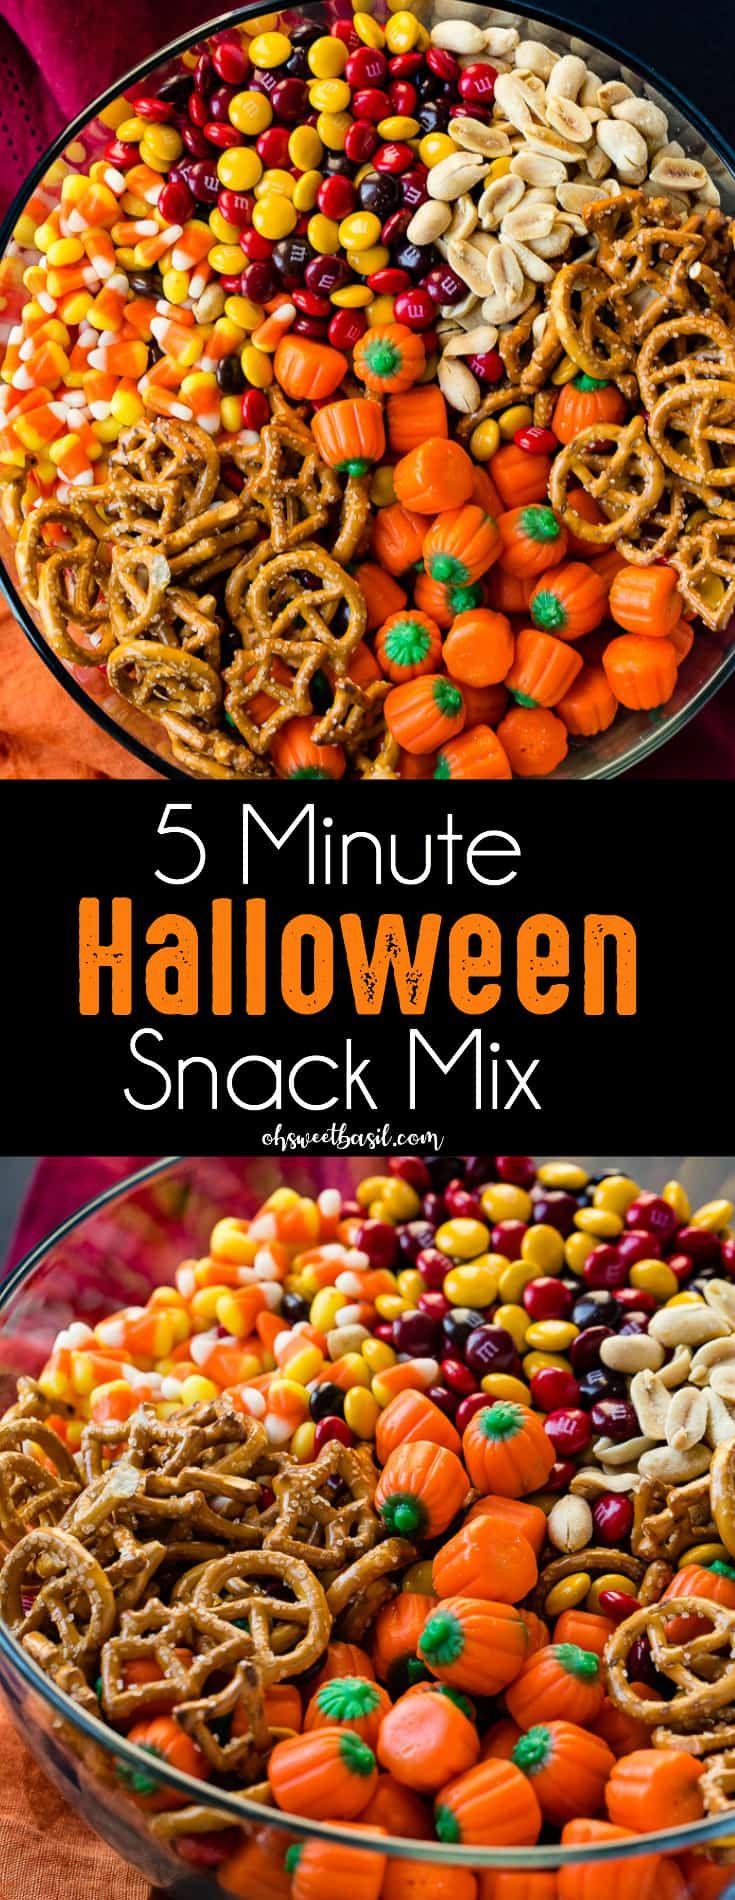 5 Minute Halloween Snack Mix #halloween